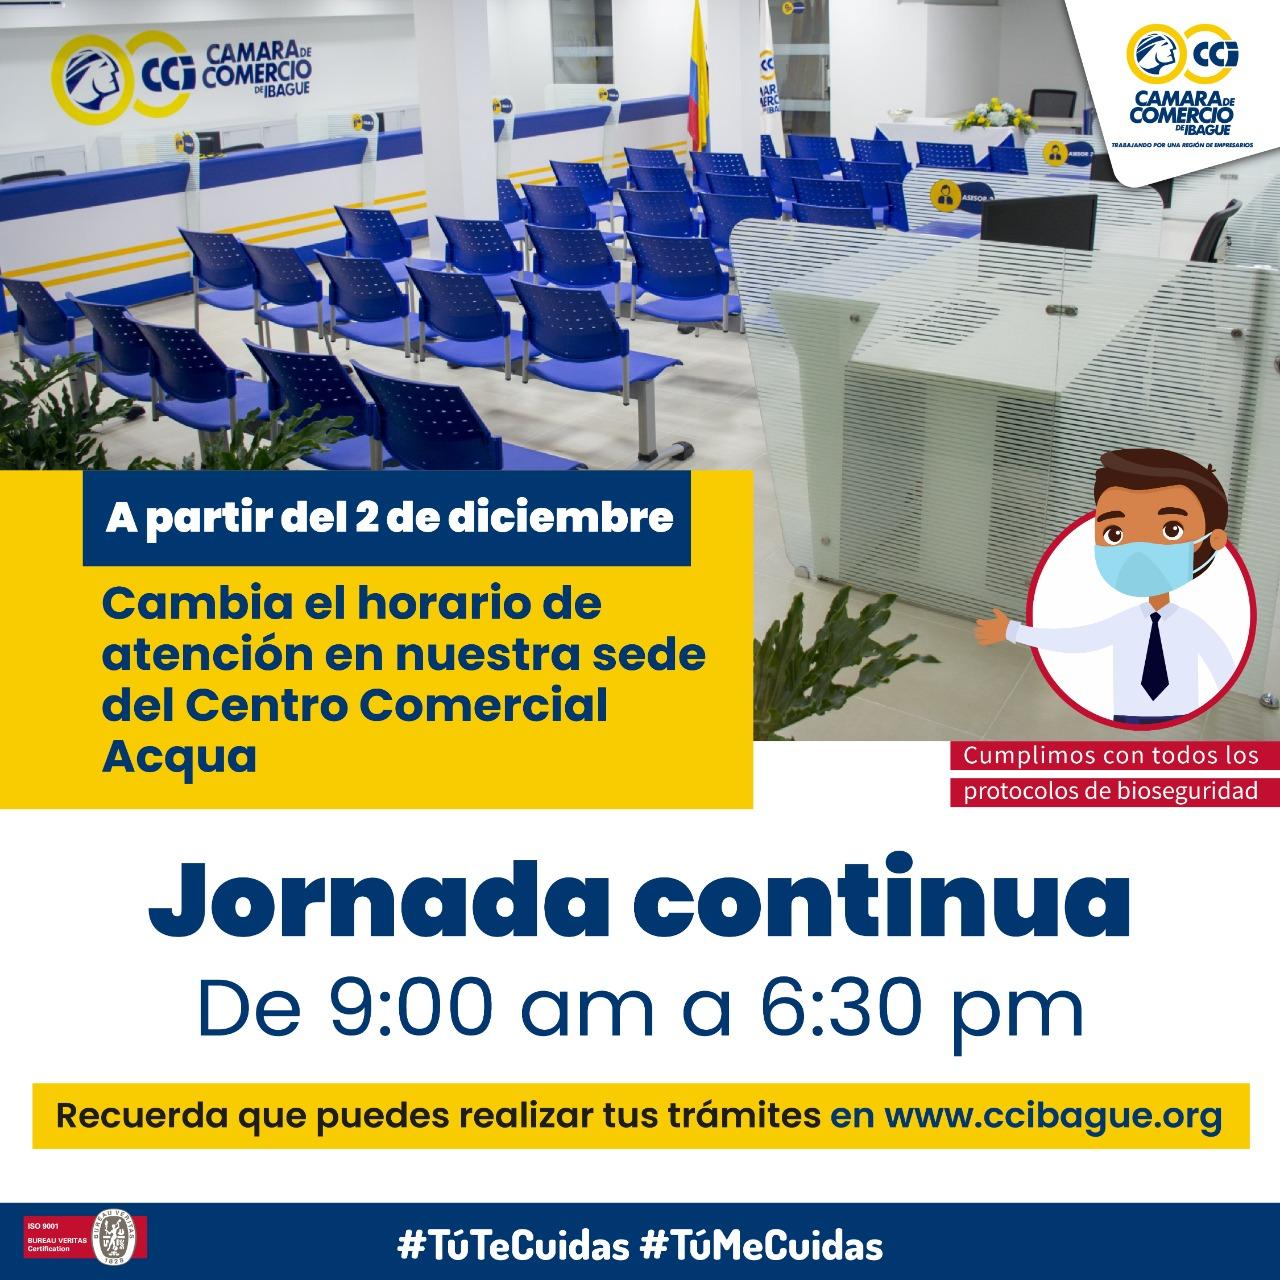 La Cámara de Comercio de Ibagué cambiará de horario de atención en su sede alterna 4